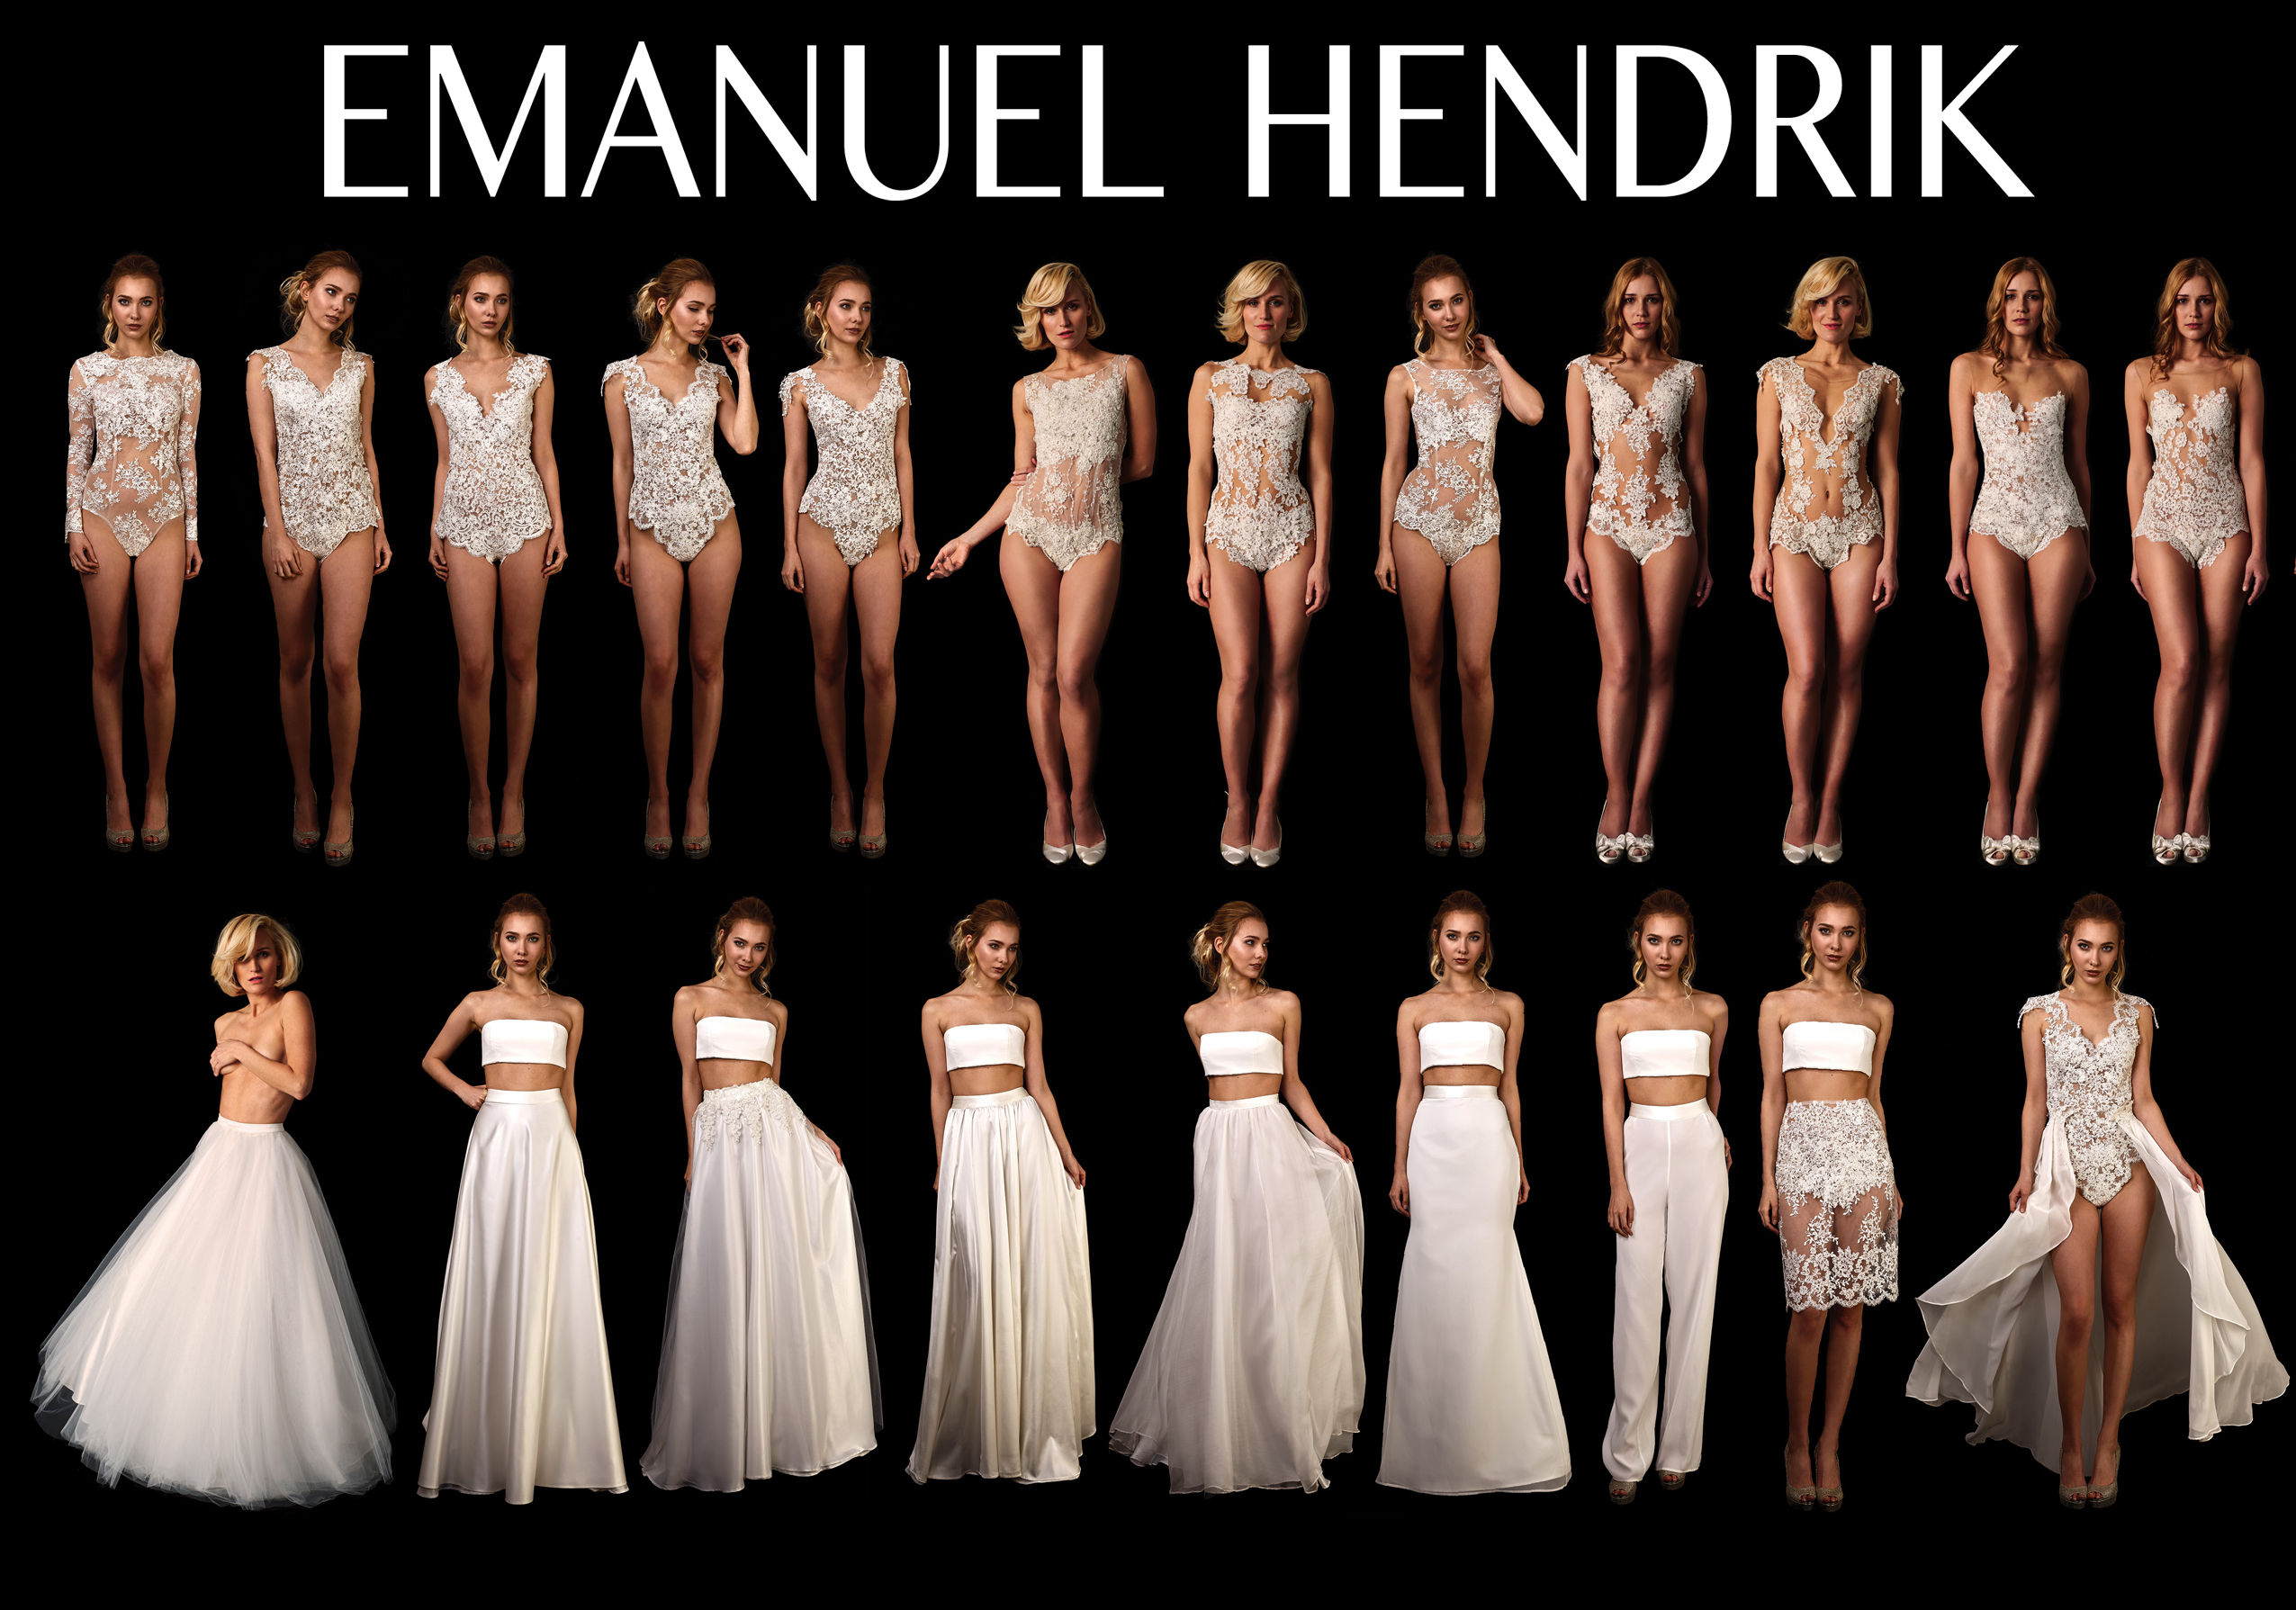 Brautkleider Ankauf Hamburg | Emanuel Hendrik Design Dein Eigenes Brautkleid Mit Mix Match